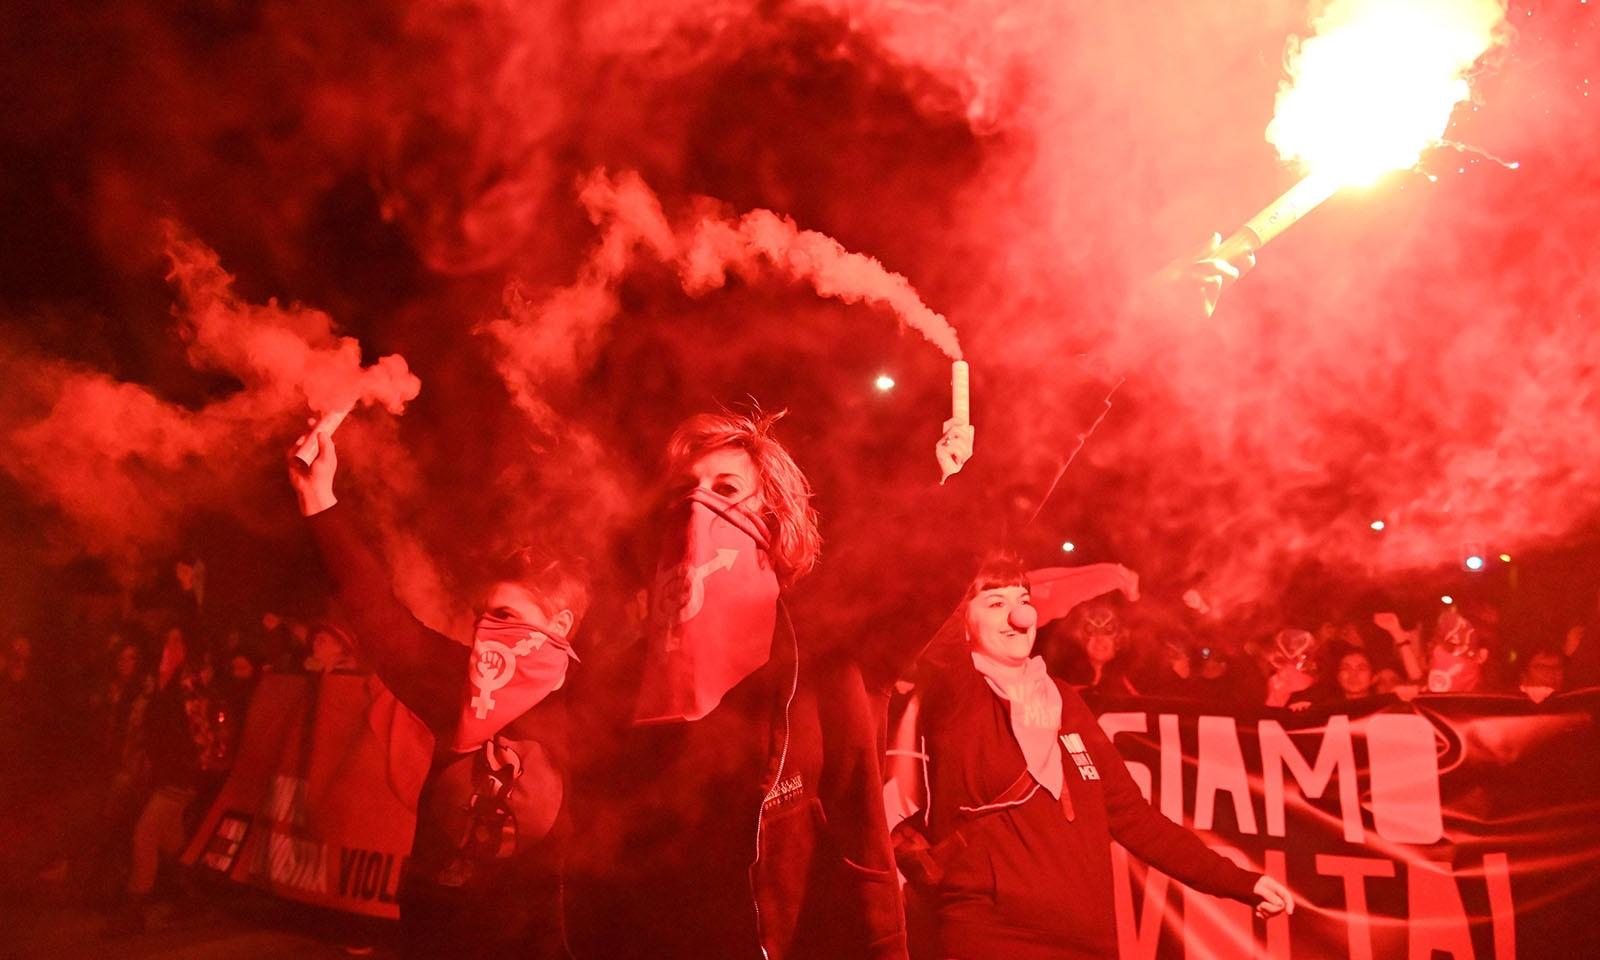 اٹلی میں خواتین نے مشعل ہاتھوں میں اٹھائے مظاہرے کیے — فوٹو: اے ایف پی